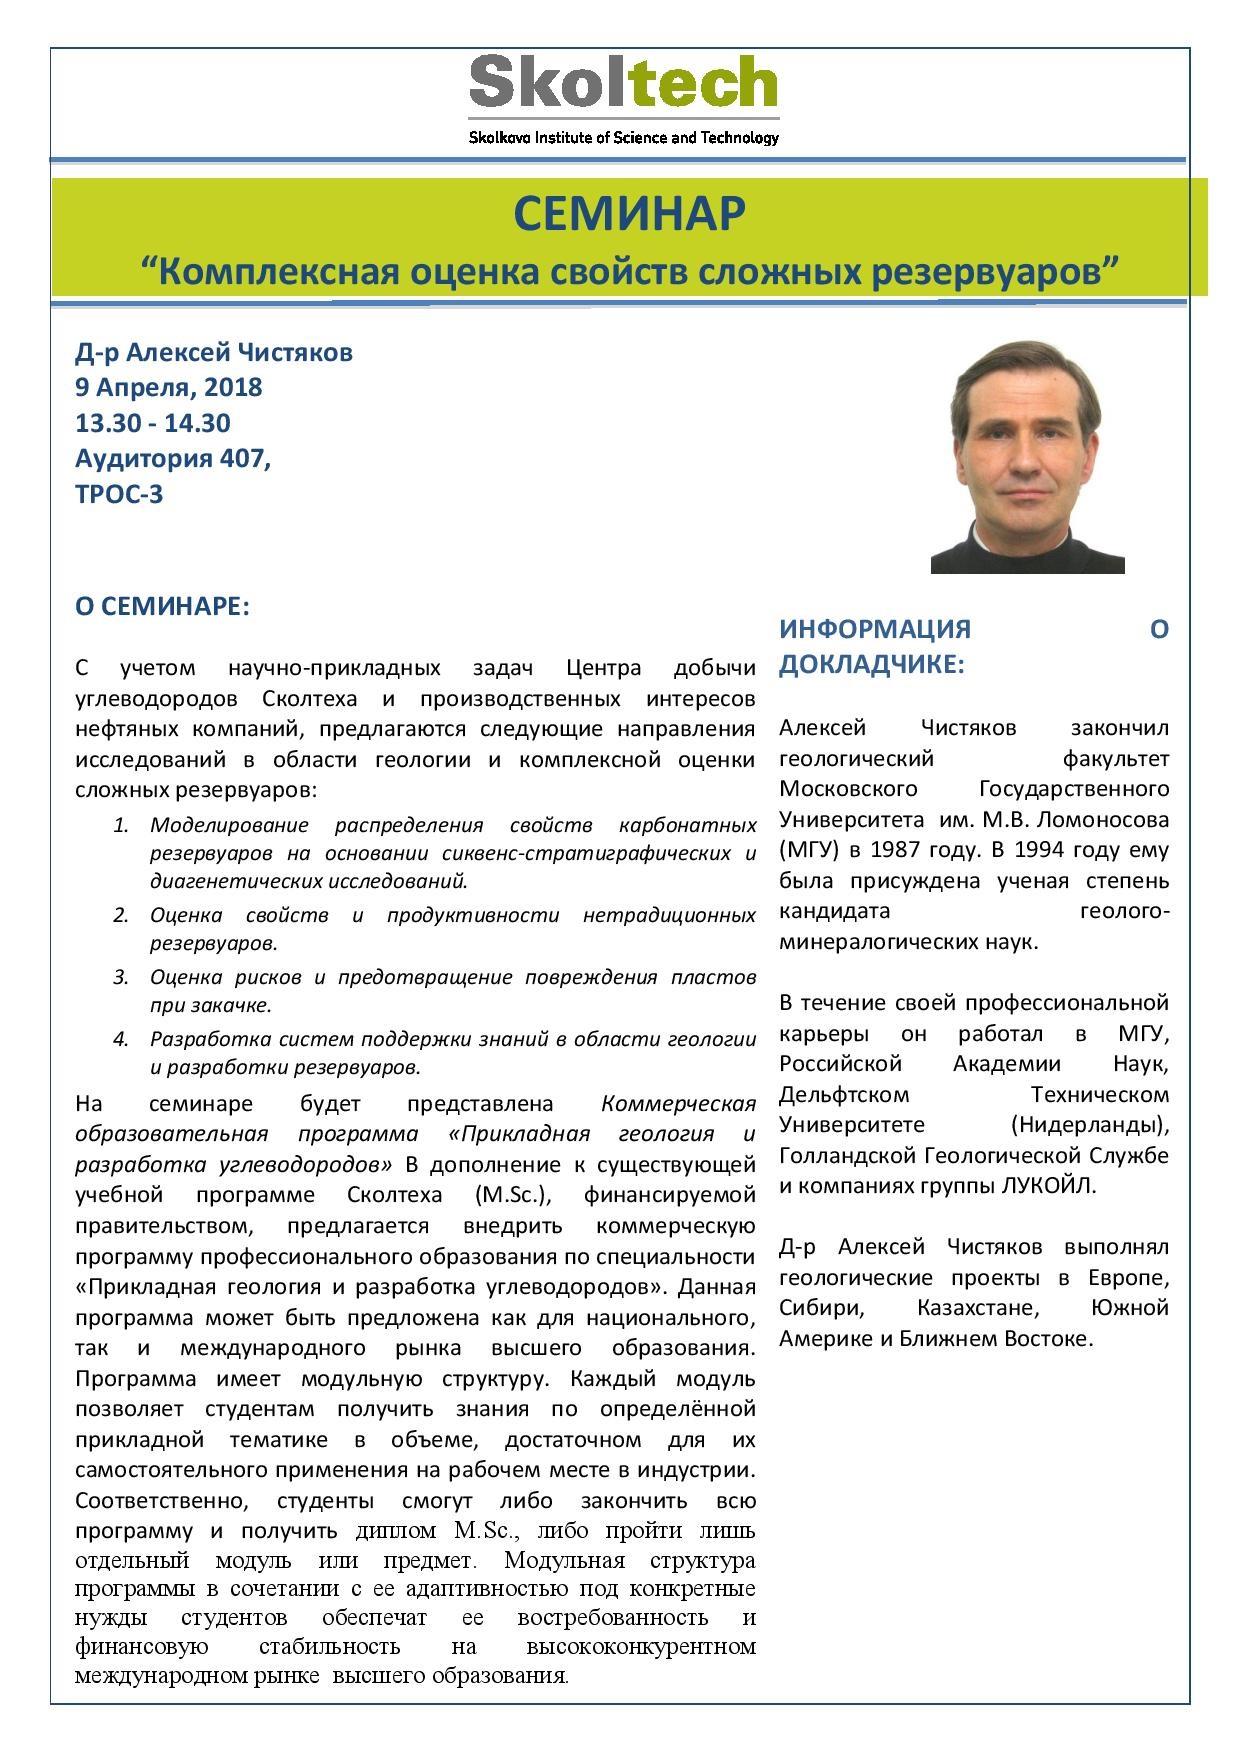 seminar-announcement_alexei-tchistiakov-rus-2-page-001